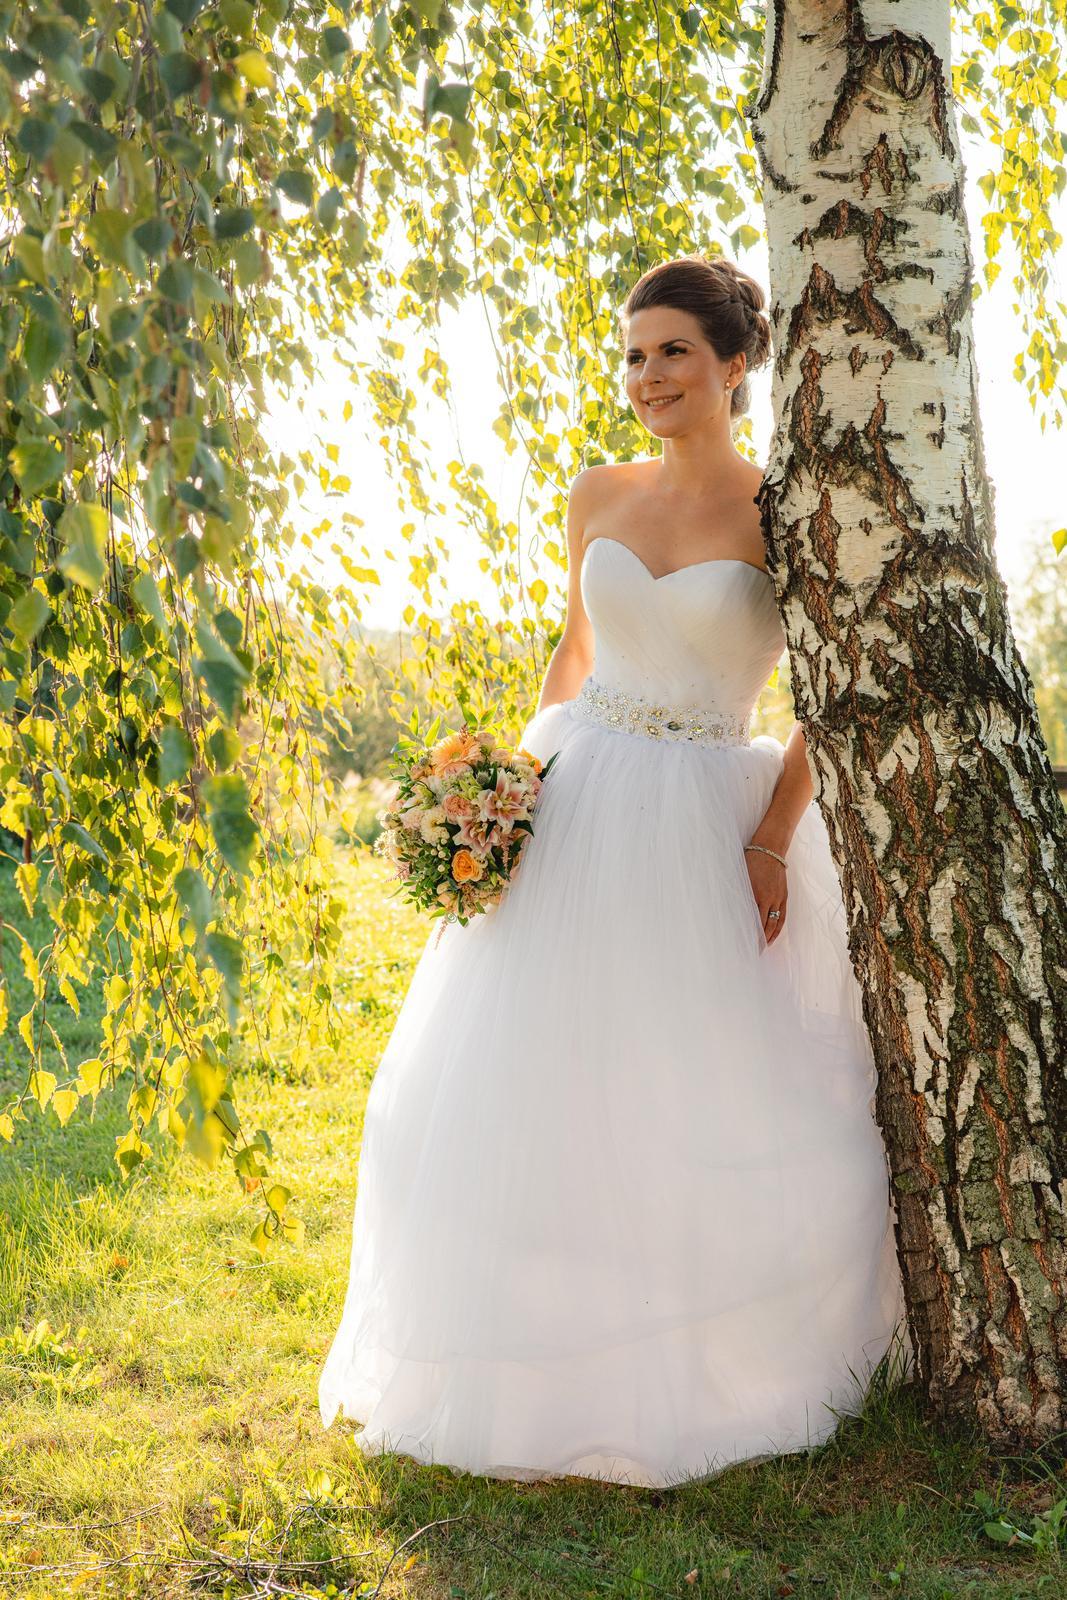 Tylové svatební šaty se štrasem - Obrázek č. 1